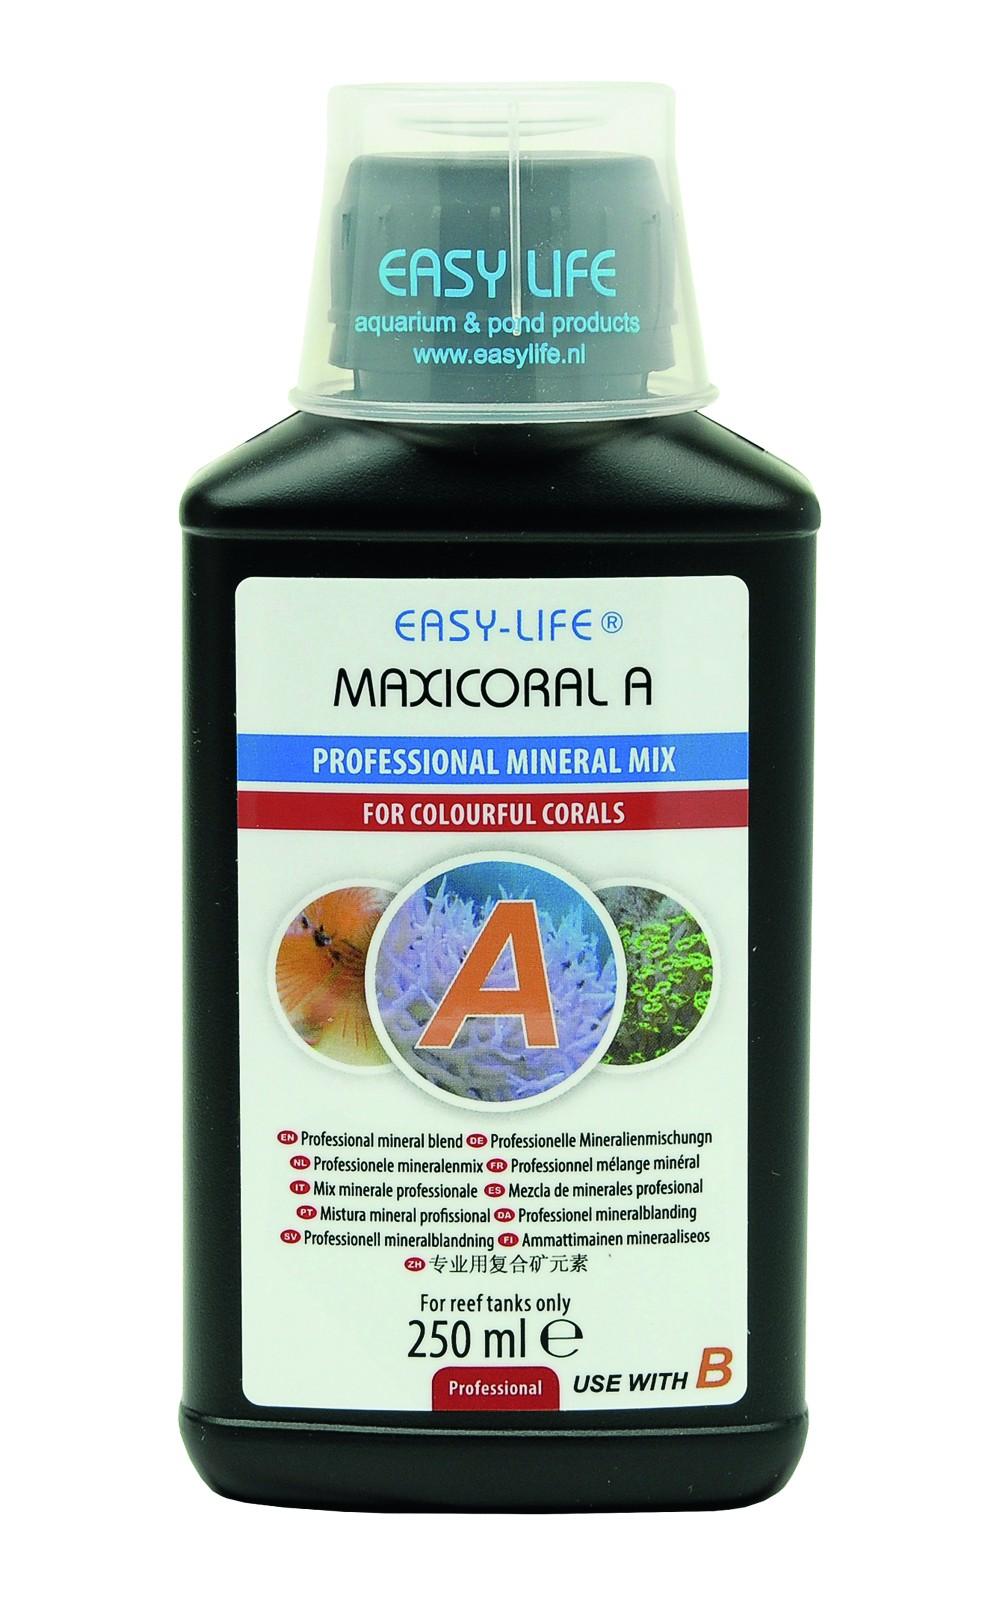 EASY-LIFE MaxiCoral A 250ml complexe de strontium-baryum et autres compléments pour soins des coraux